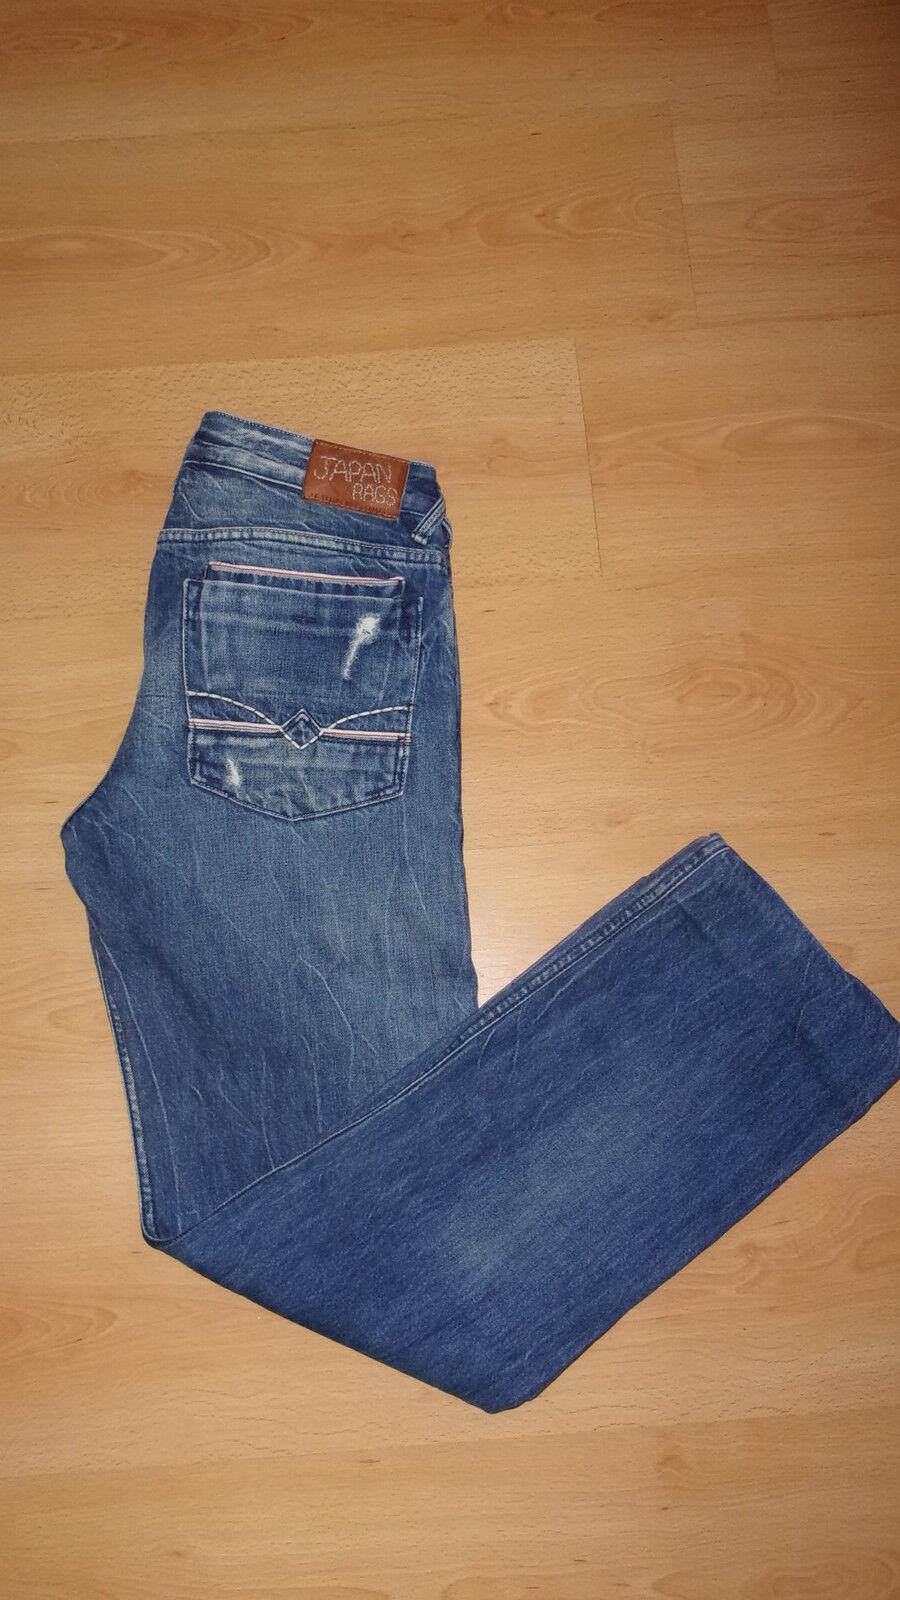 Jeans Japan Rags blue Größe 40 à - 66%